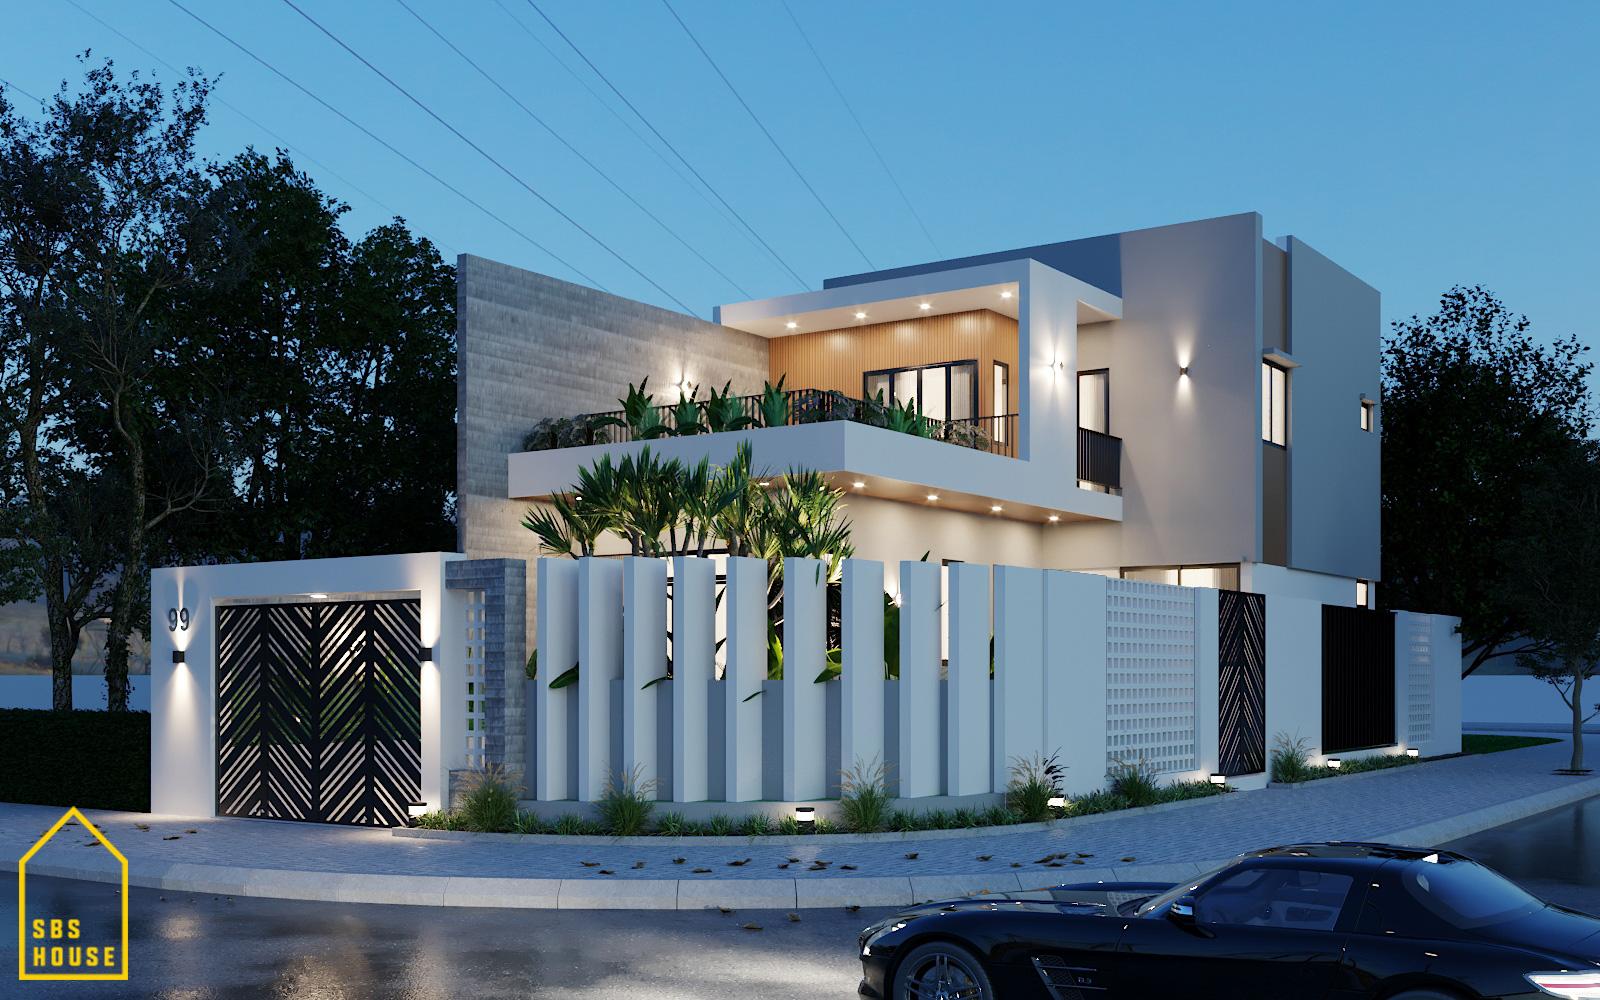 thiết kế kiến trúc đà nẵng quảng nam